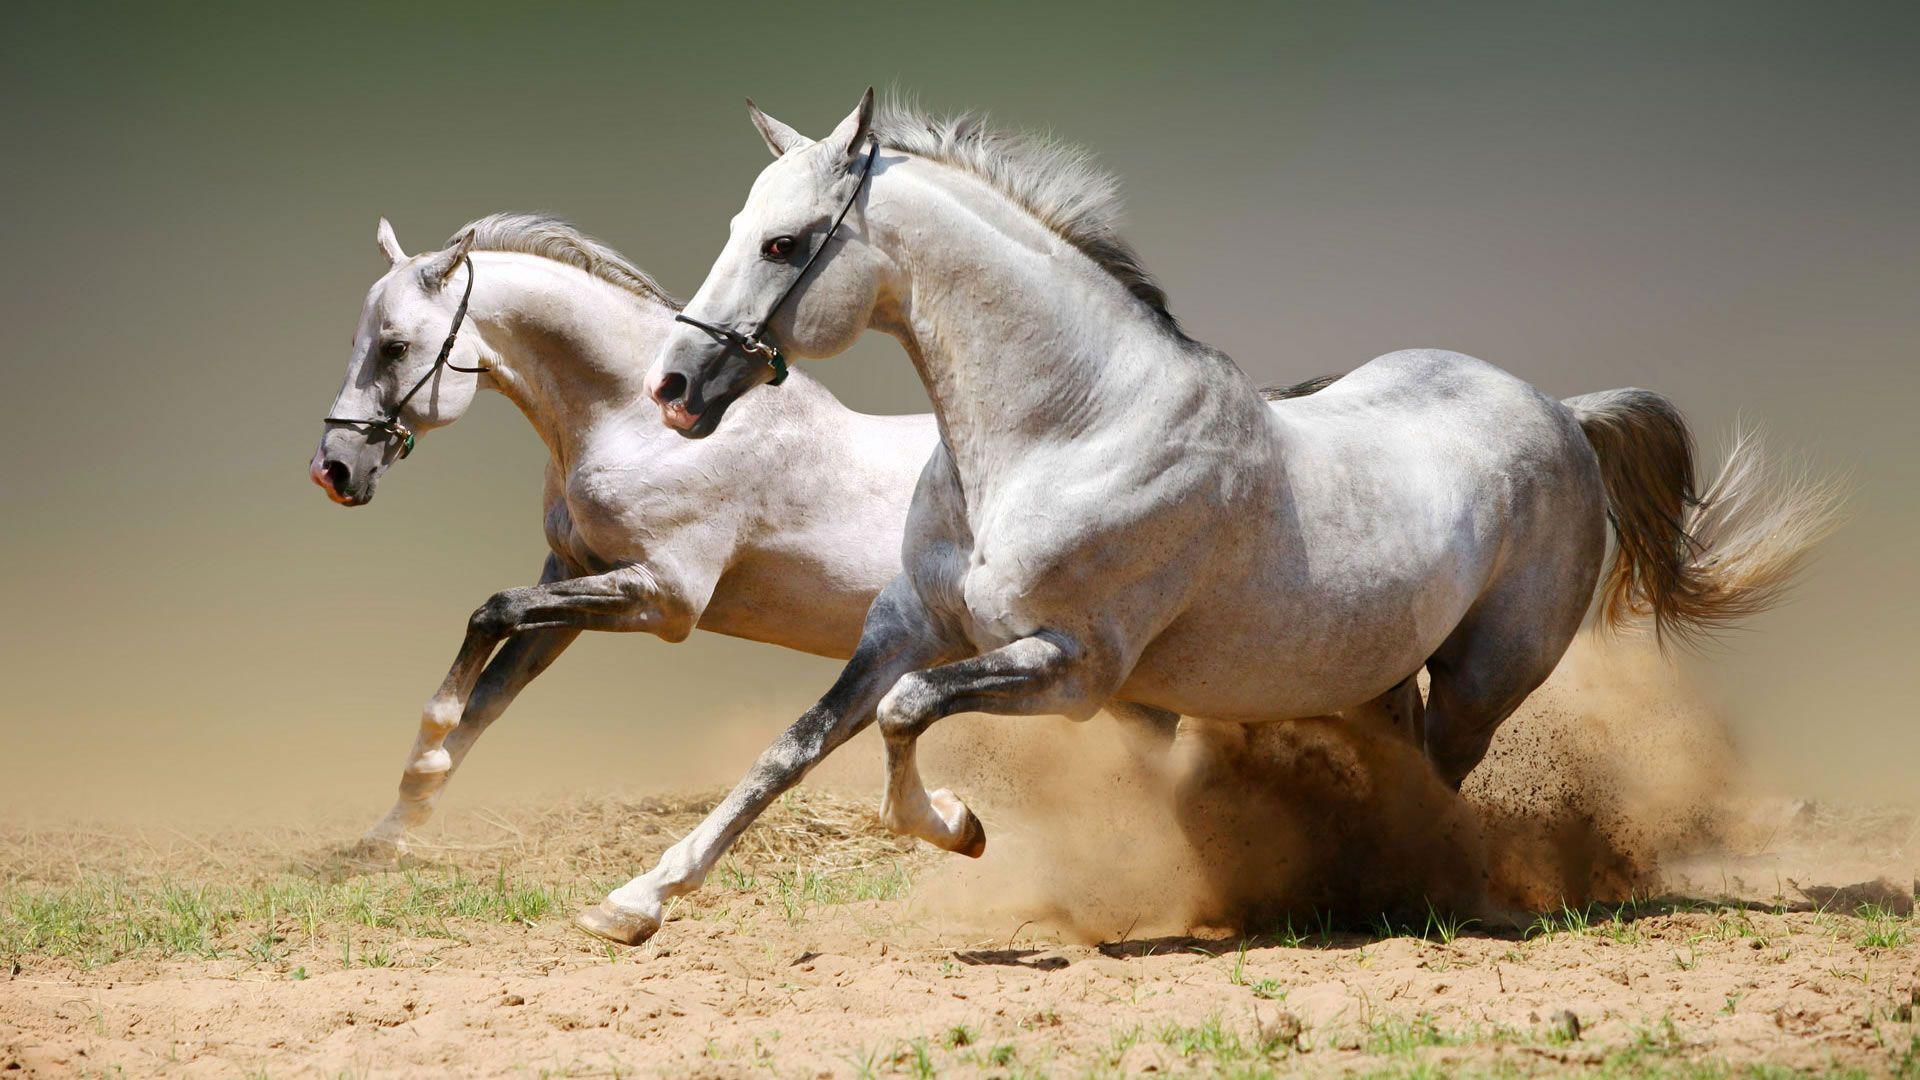 Картинки на рабочий стол лошади - красивые и удивительные 17